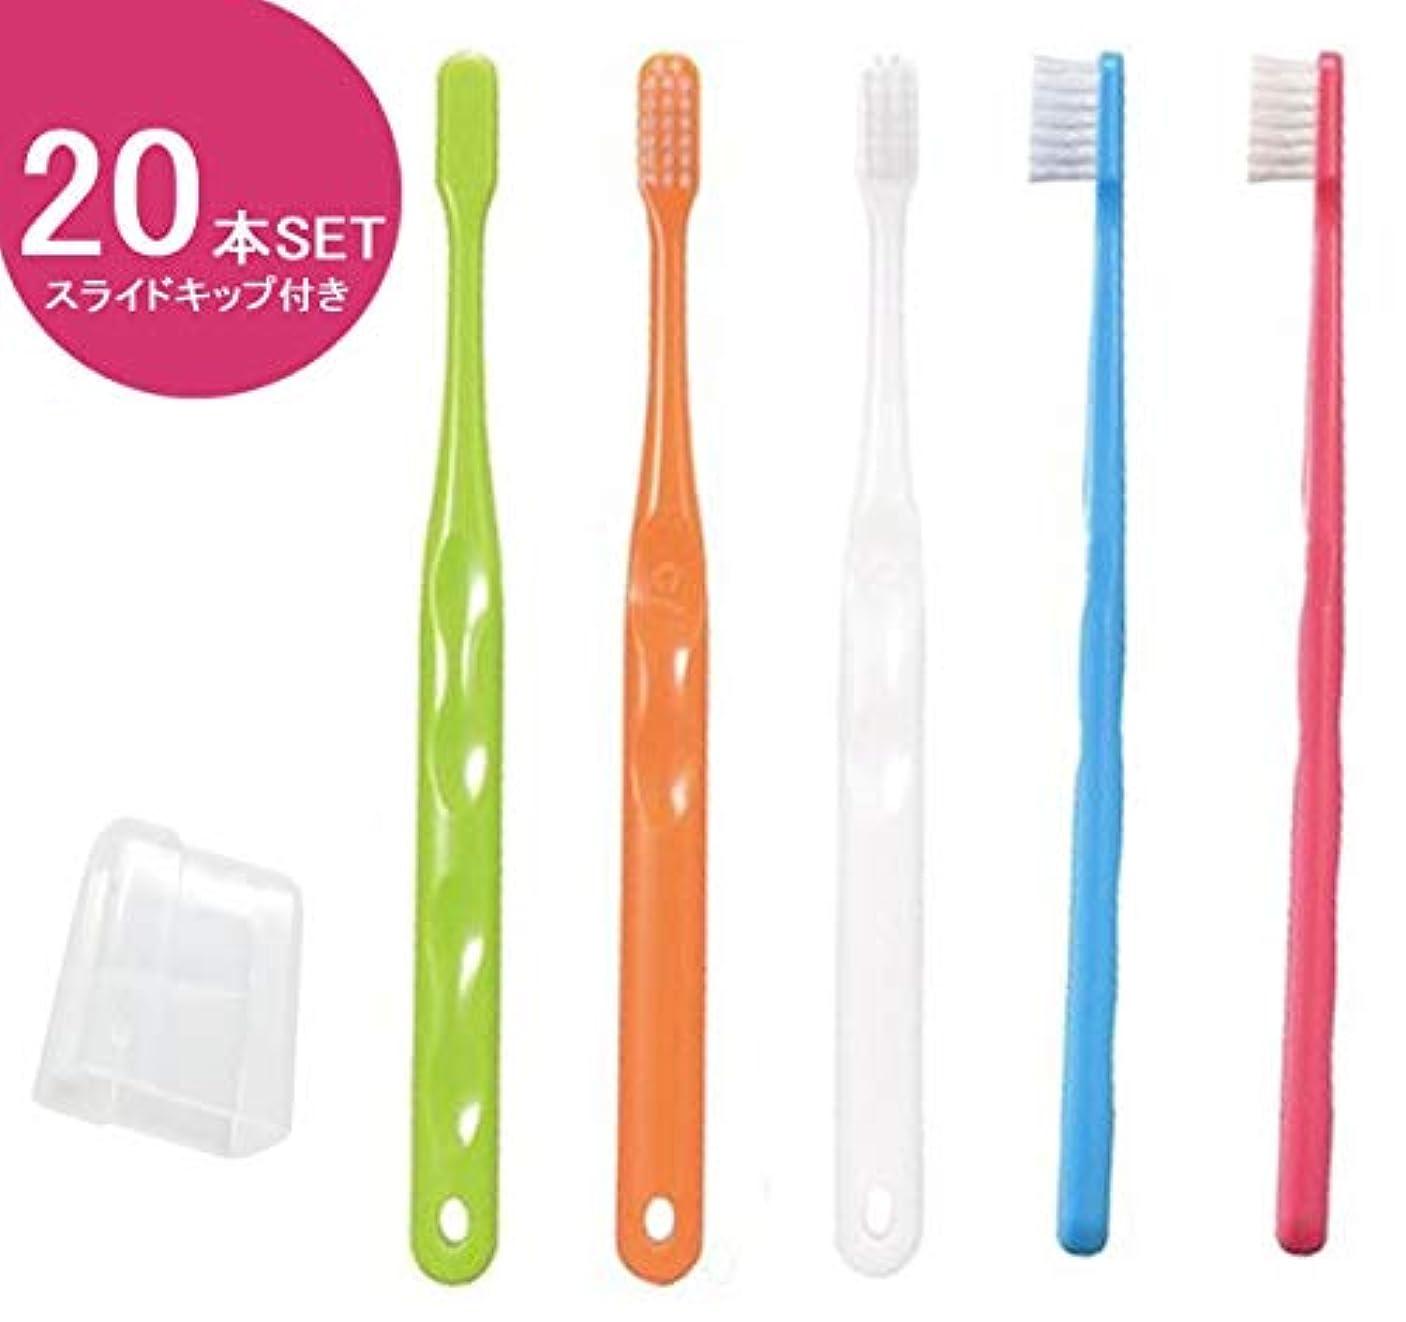 カラス提出する薬局Ciメディカル Ci700 (超先細+ラウンド毛) 歯ブラシ M(ふつう) スライドキャップ付き 20本